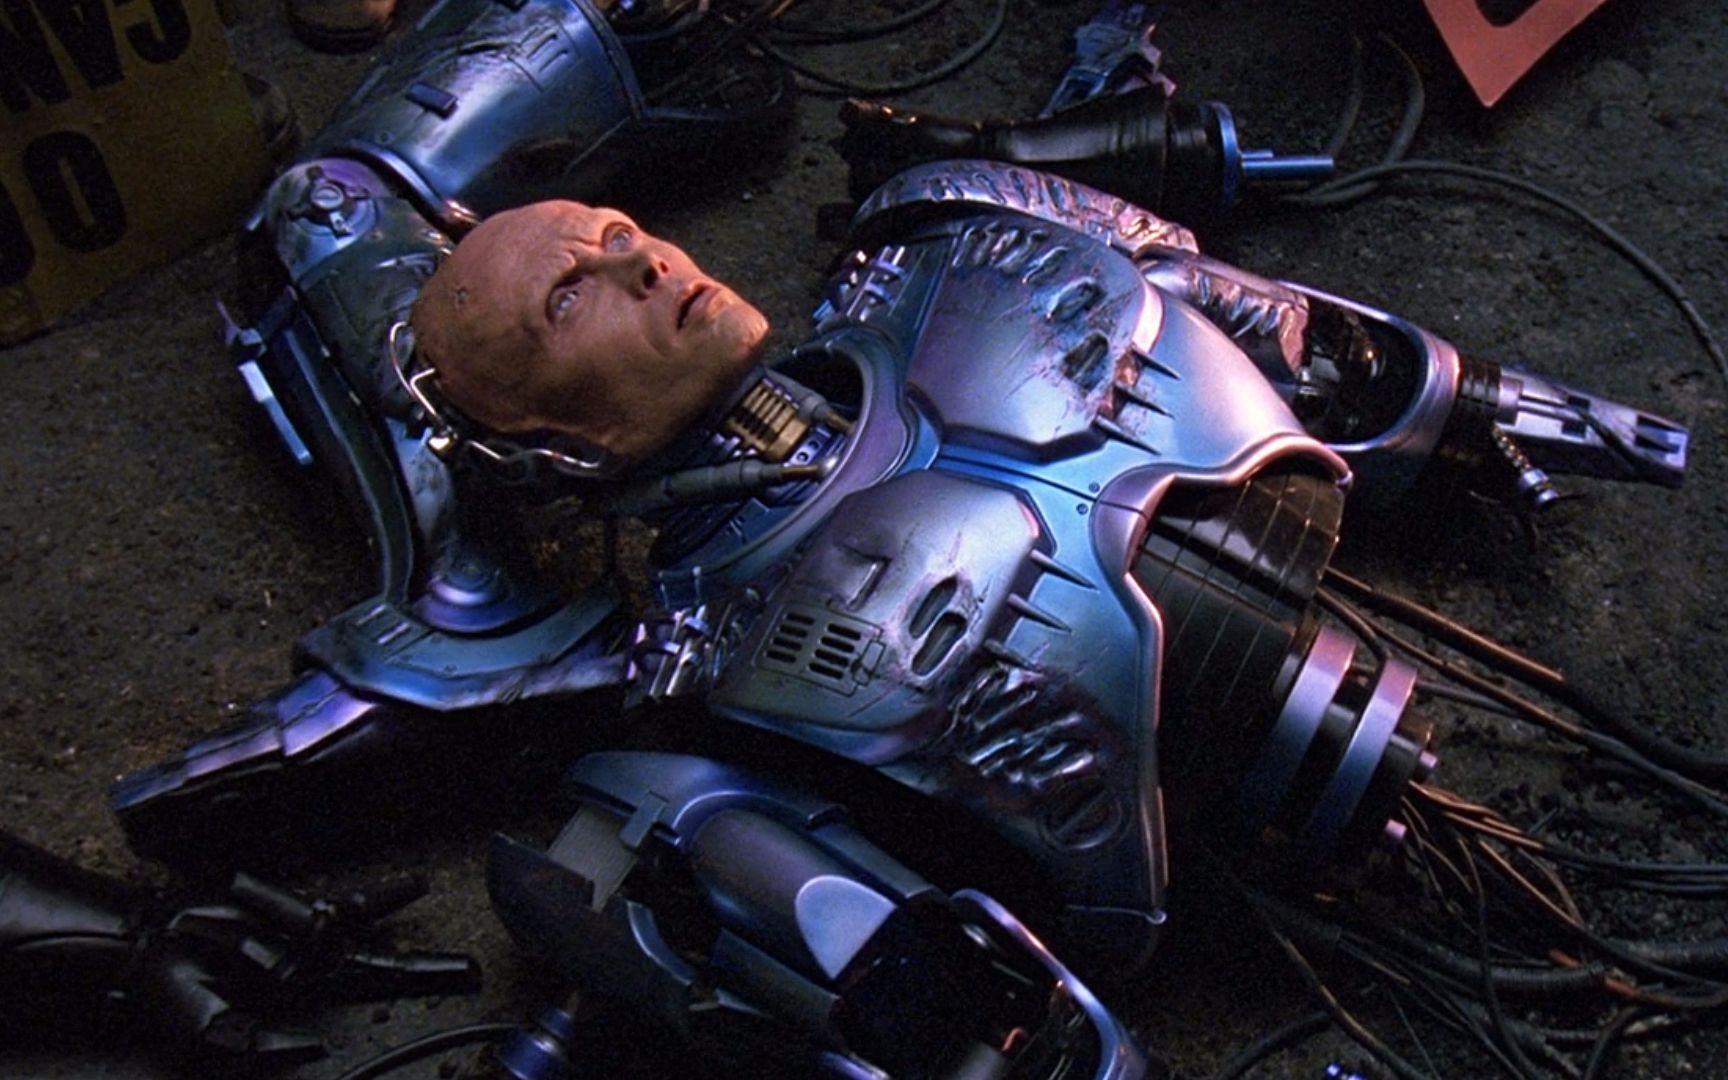 6分钟看完科幻电影《机械战警2》机械战警落入毒贩的陷阱,被残忍大卸八块,看他如何绝地反击!